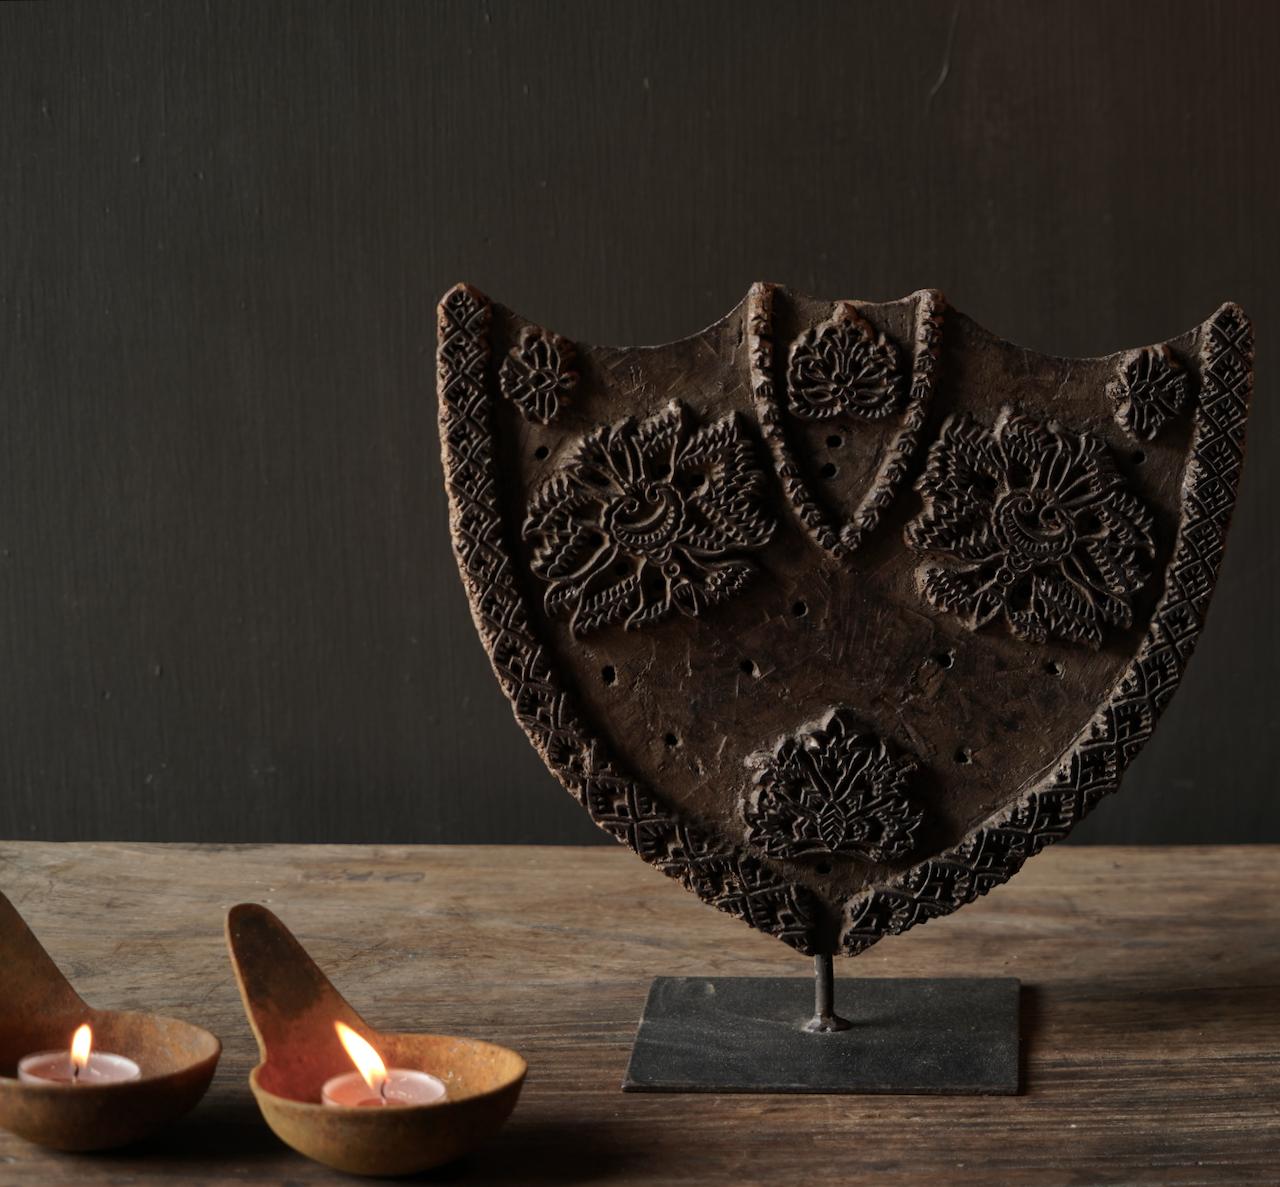 Houten batik stempel op ijzeren voetje-2